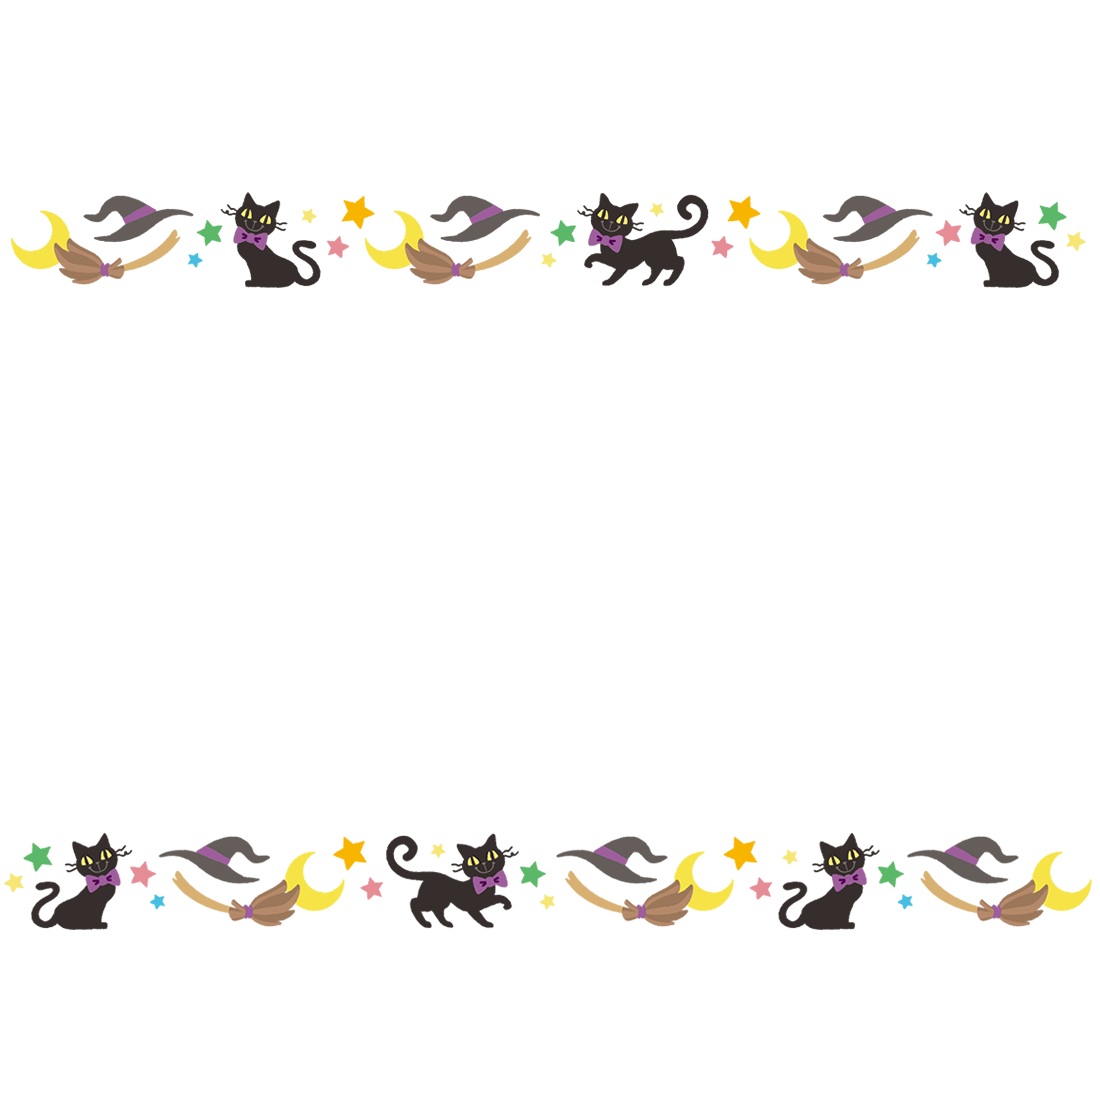 ハロウィン枠・フレーム無料素材 黒猫と魔女と星